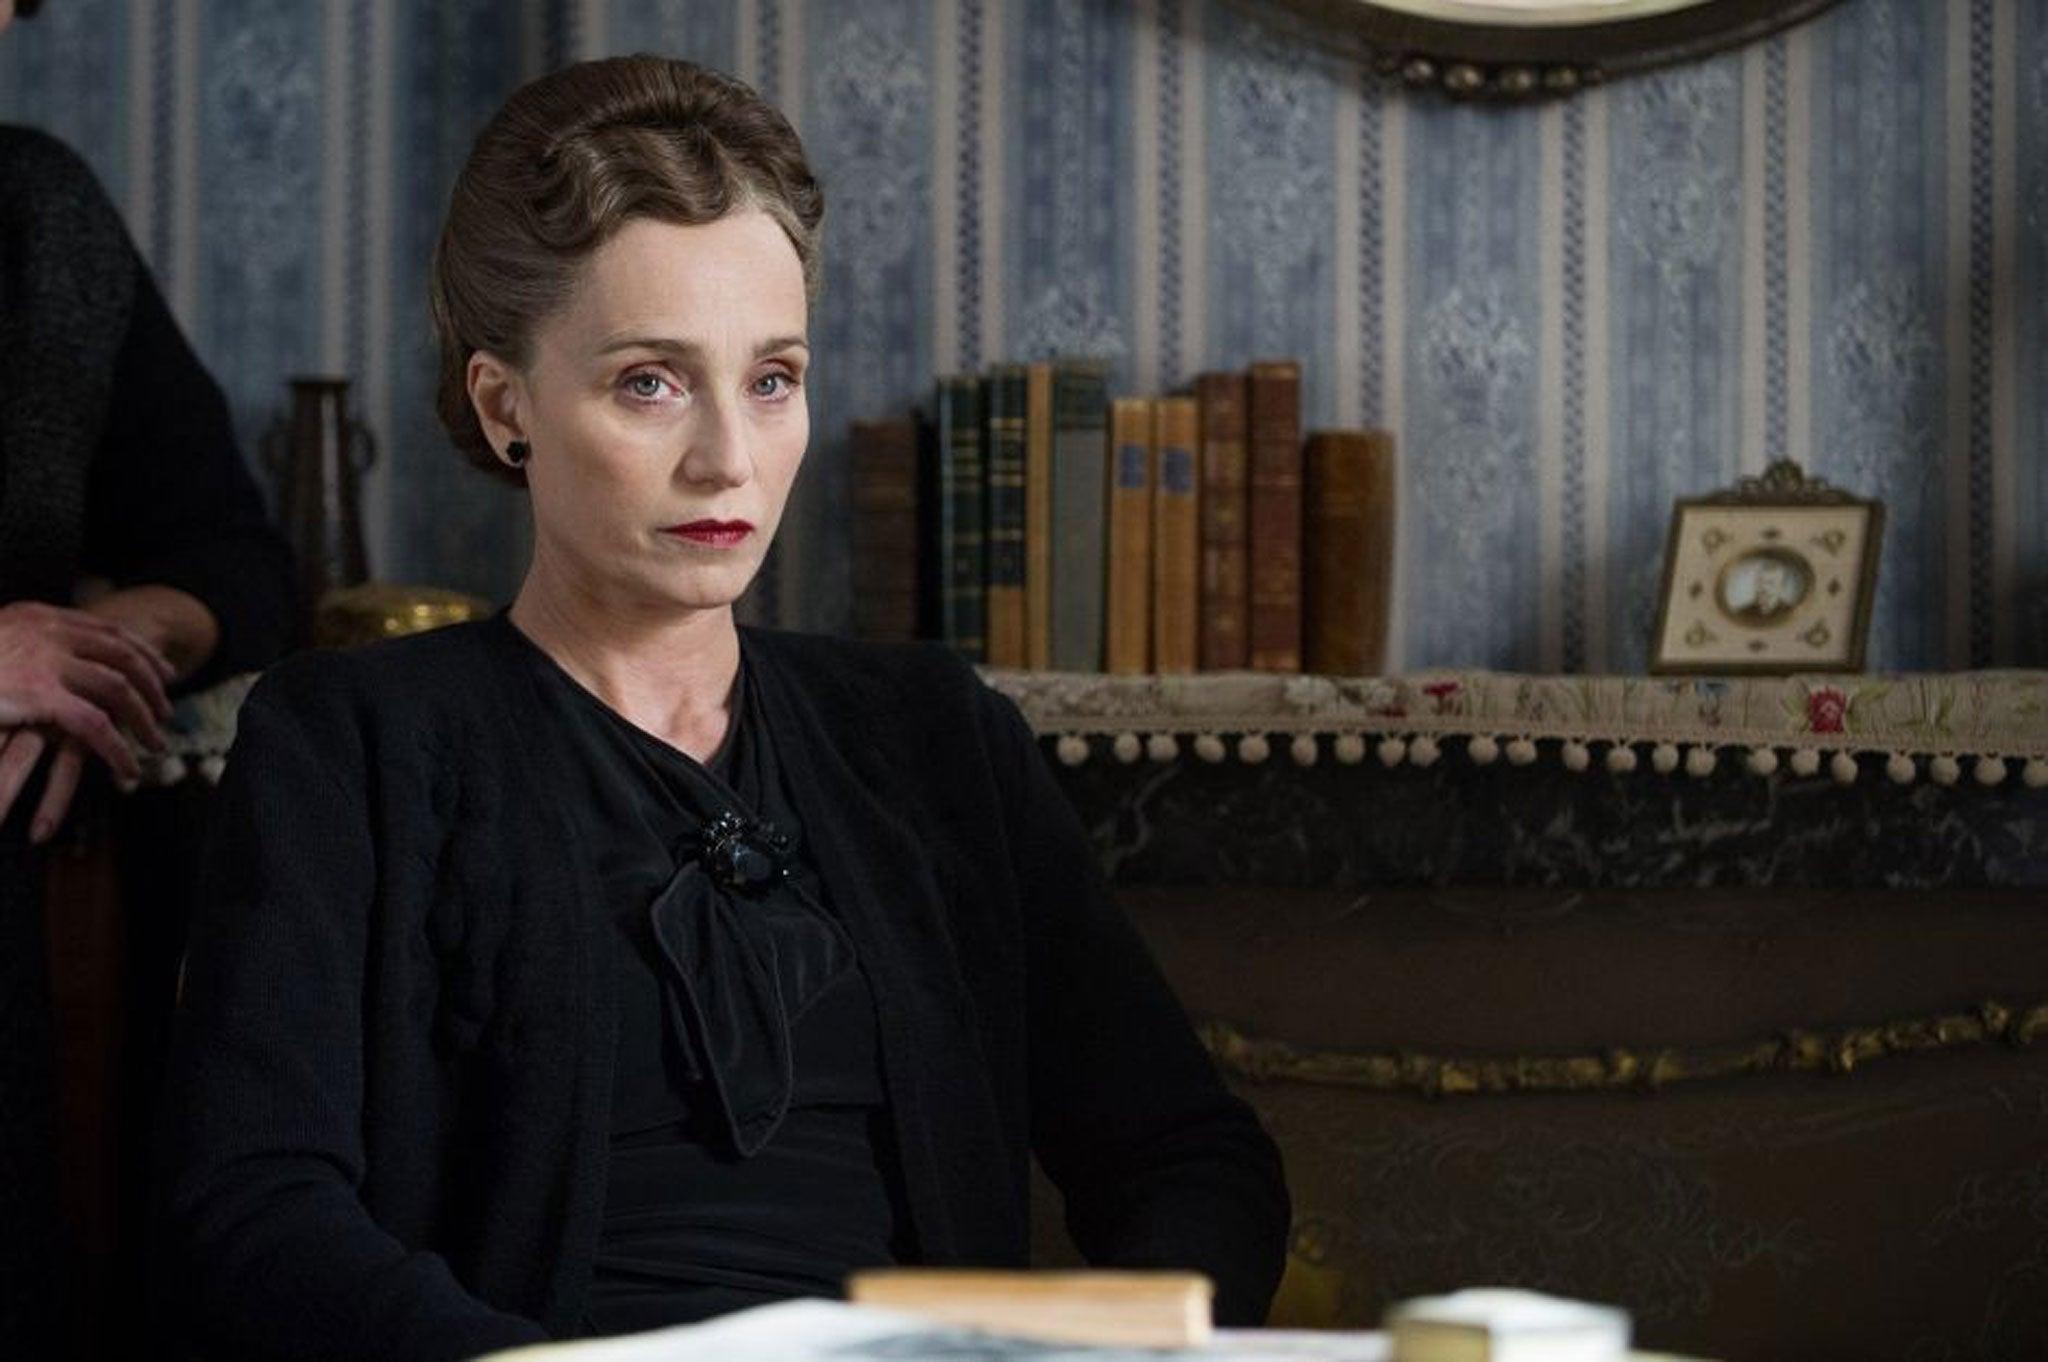 Suite Française, film review A romantic but discordant